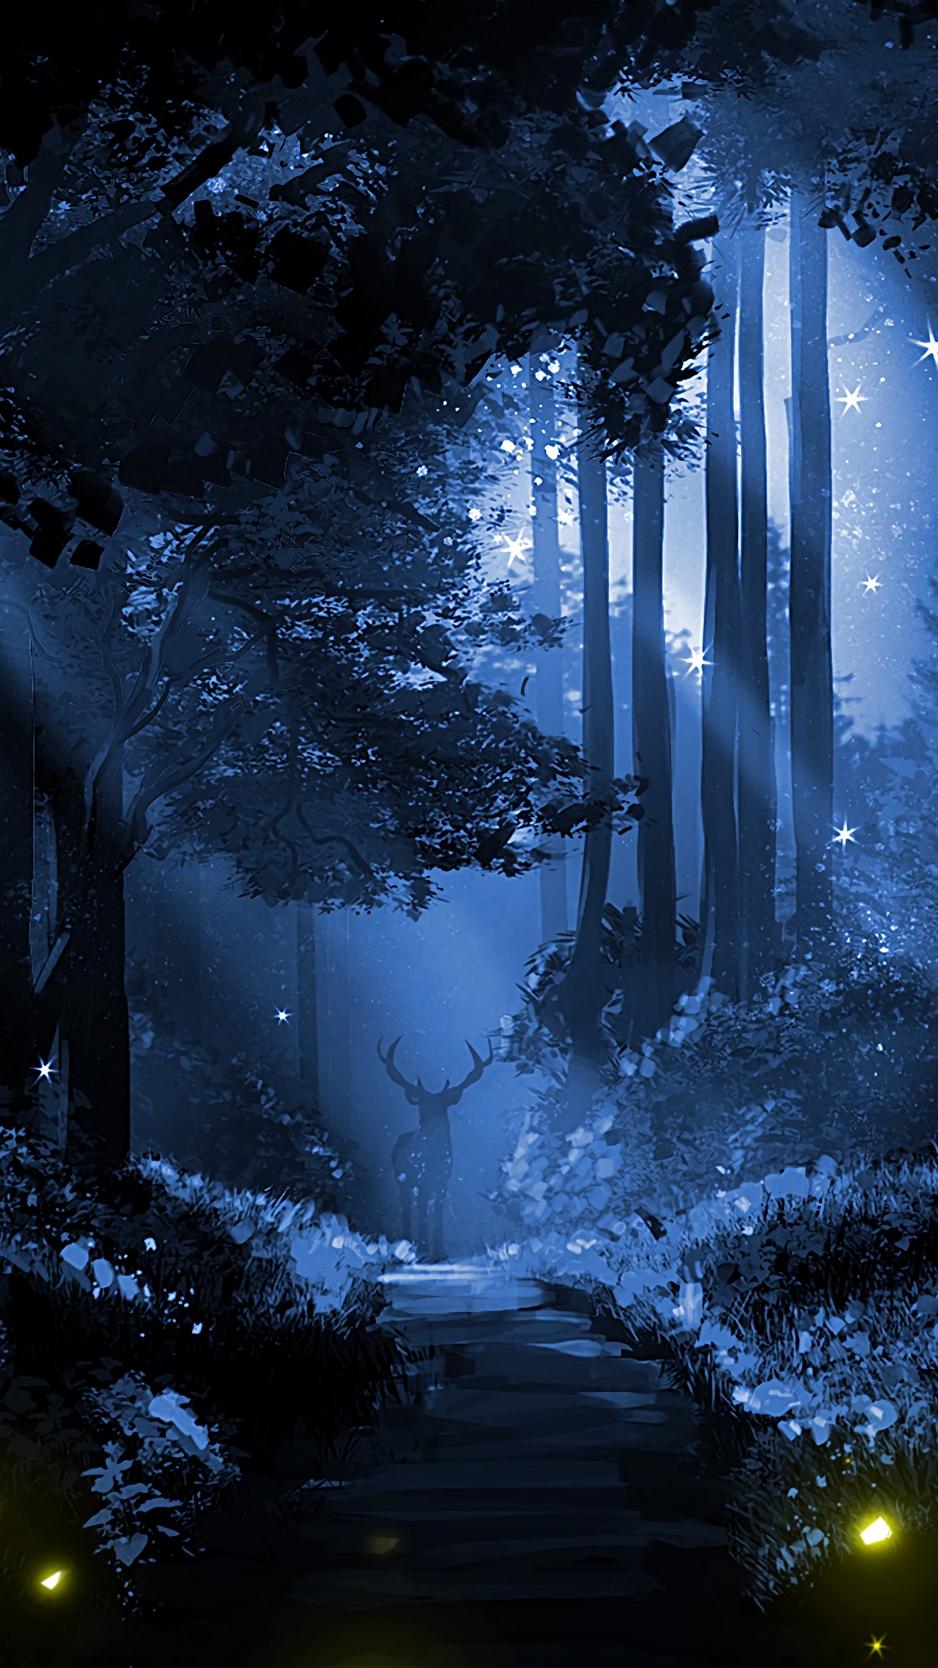 Wallpaper Deer, Silhouette, Forest, Art, Night - Night Forest Wallpaper Iphone - HD Wallpaper